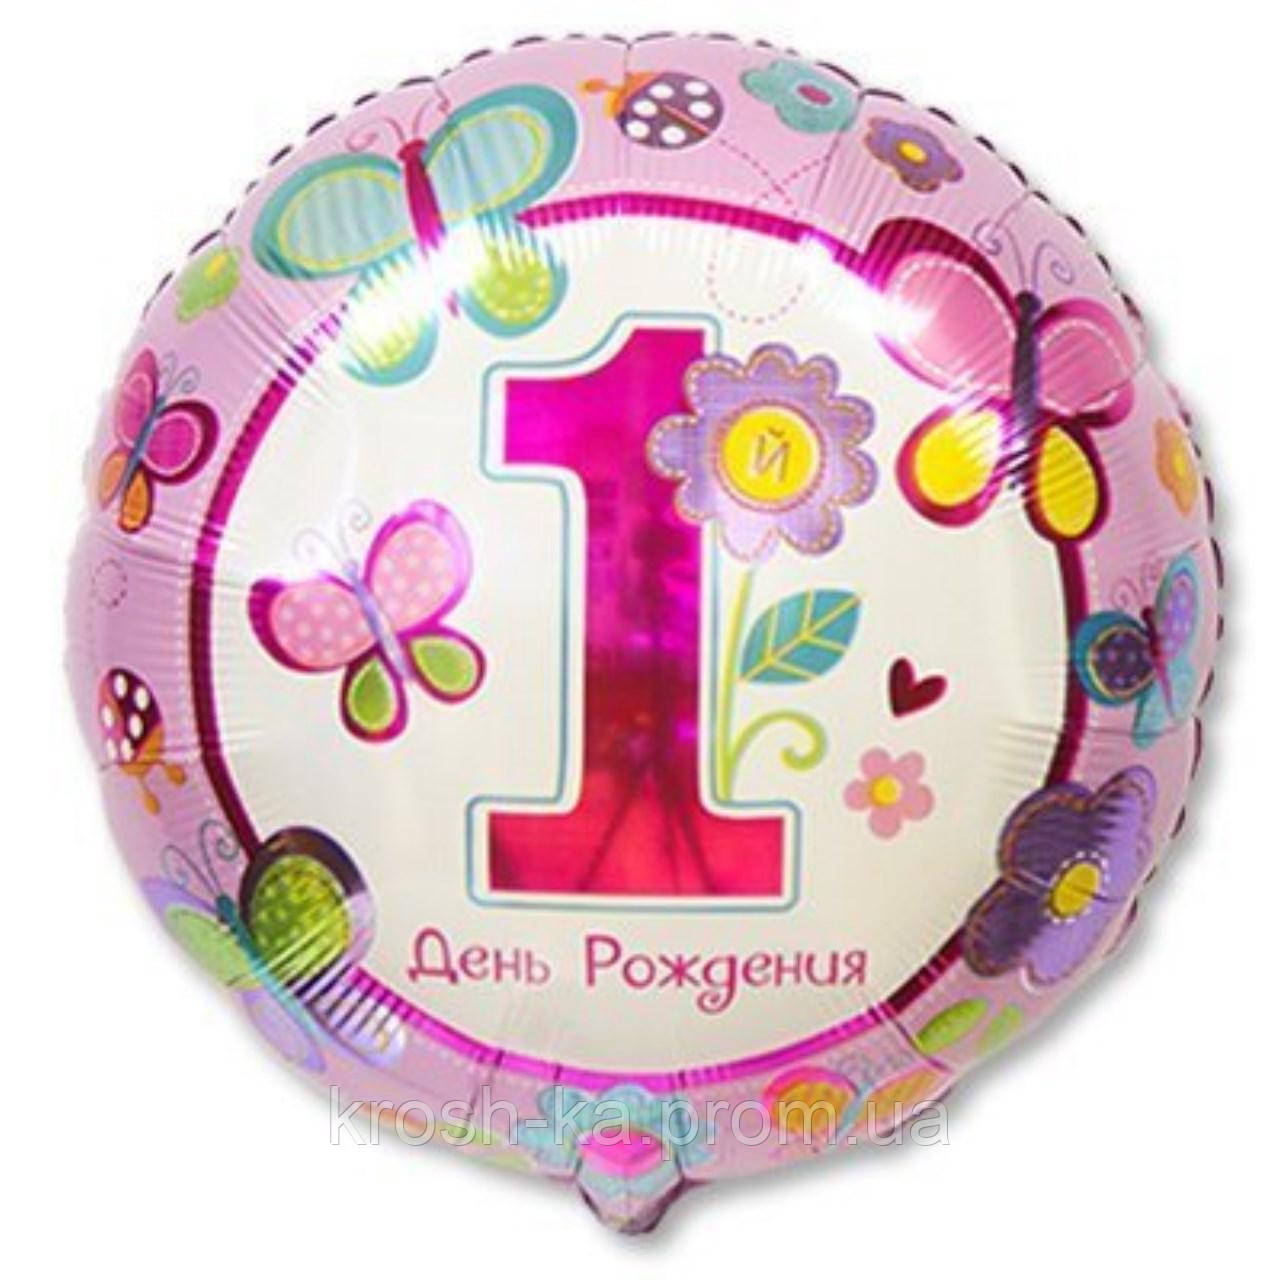 Фольгированный шар круглый Первый Деннь рождения девочка 50см Китай 6931